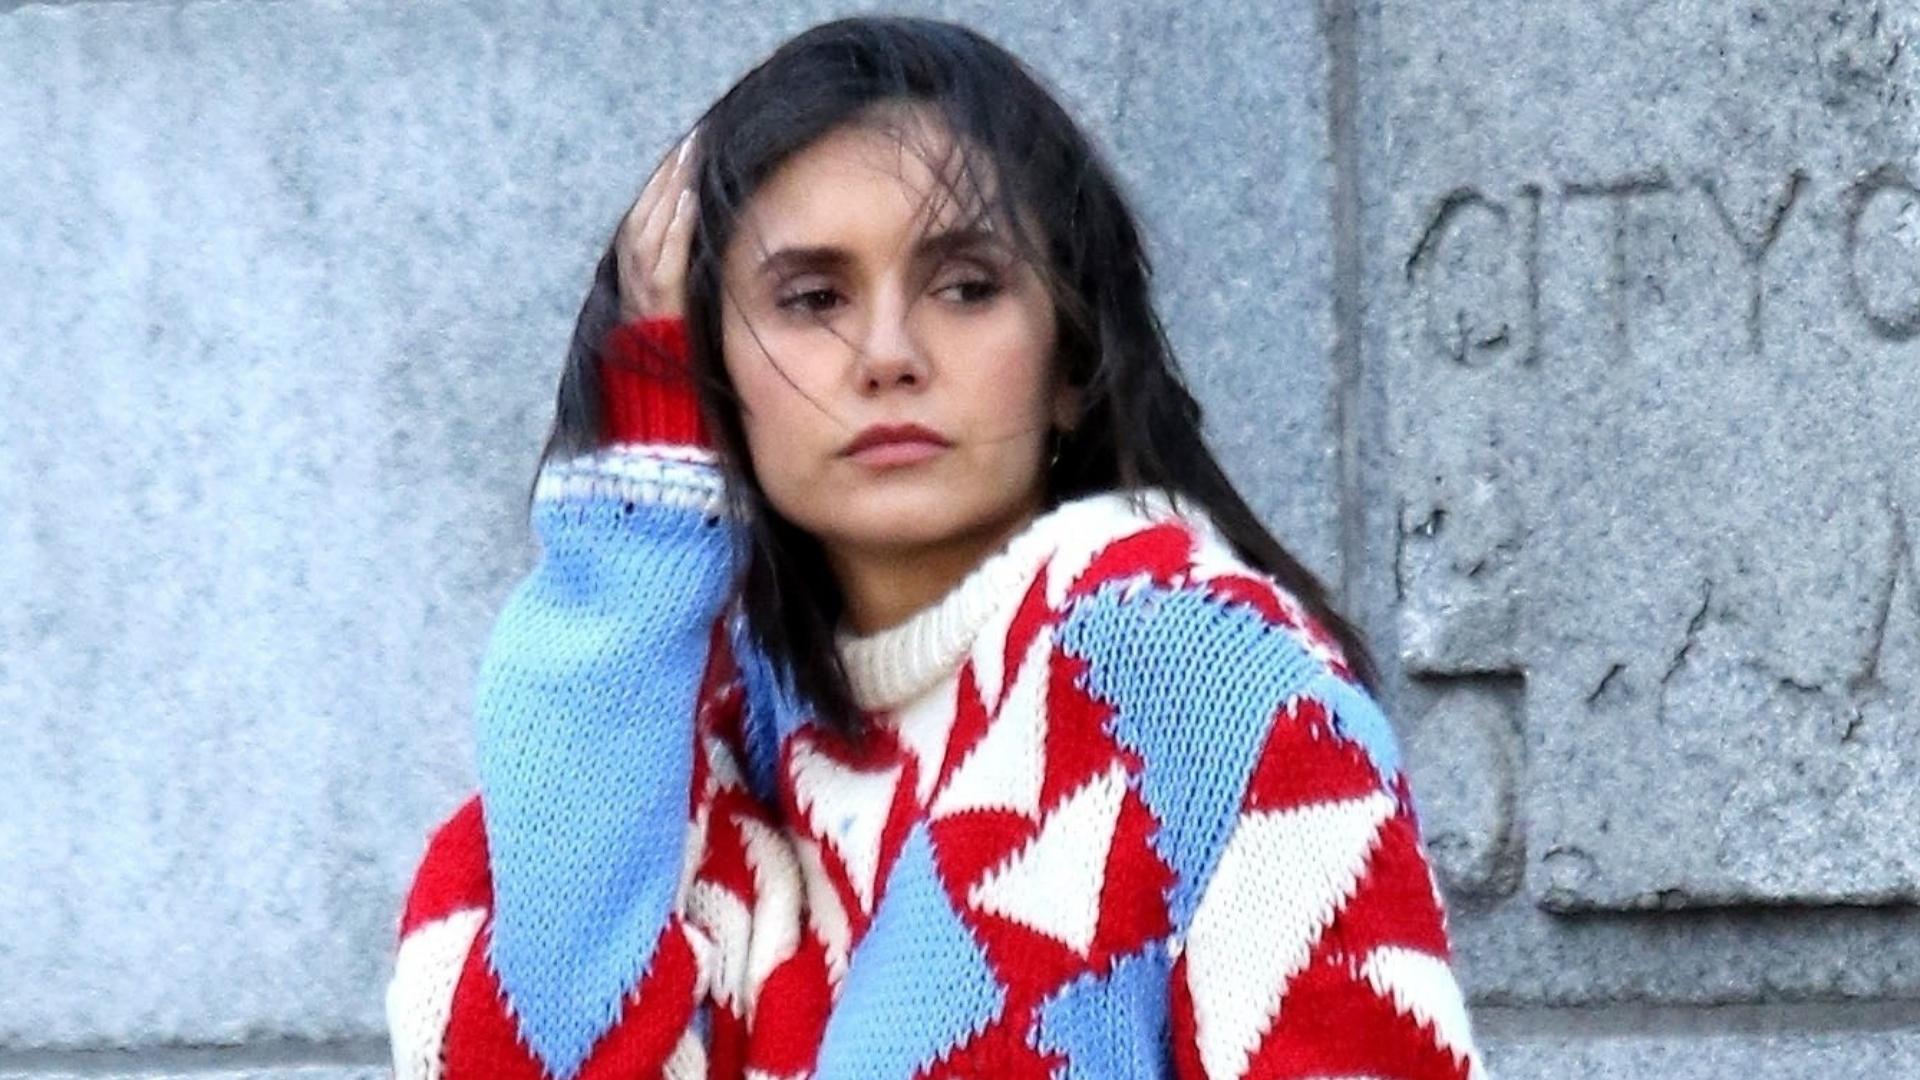 Nina Dobrev cudem uniknęła tragedii. Moment dzielił ją od katastrofy